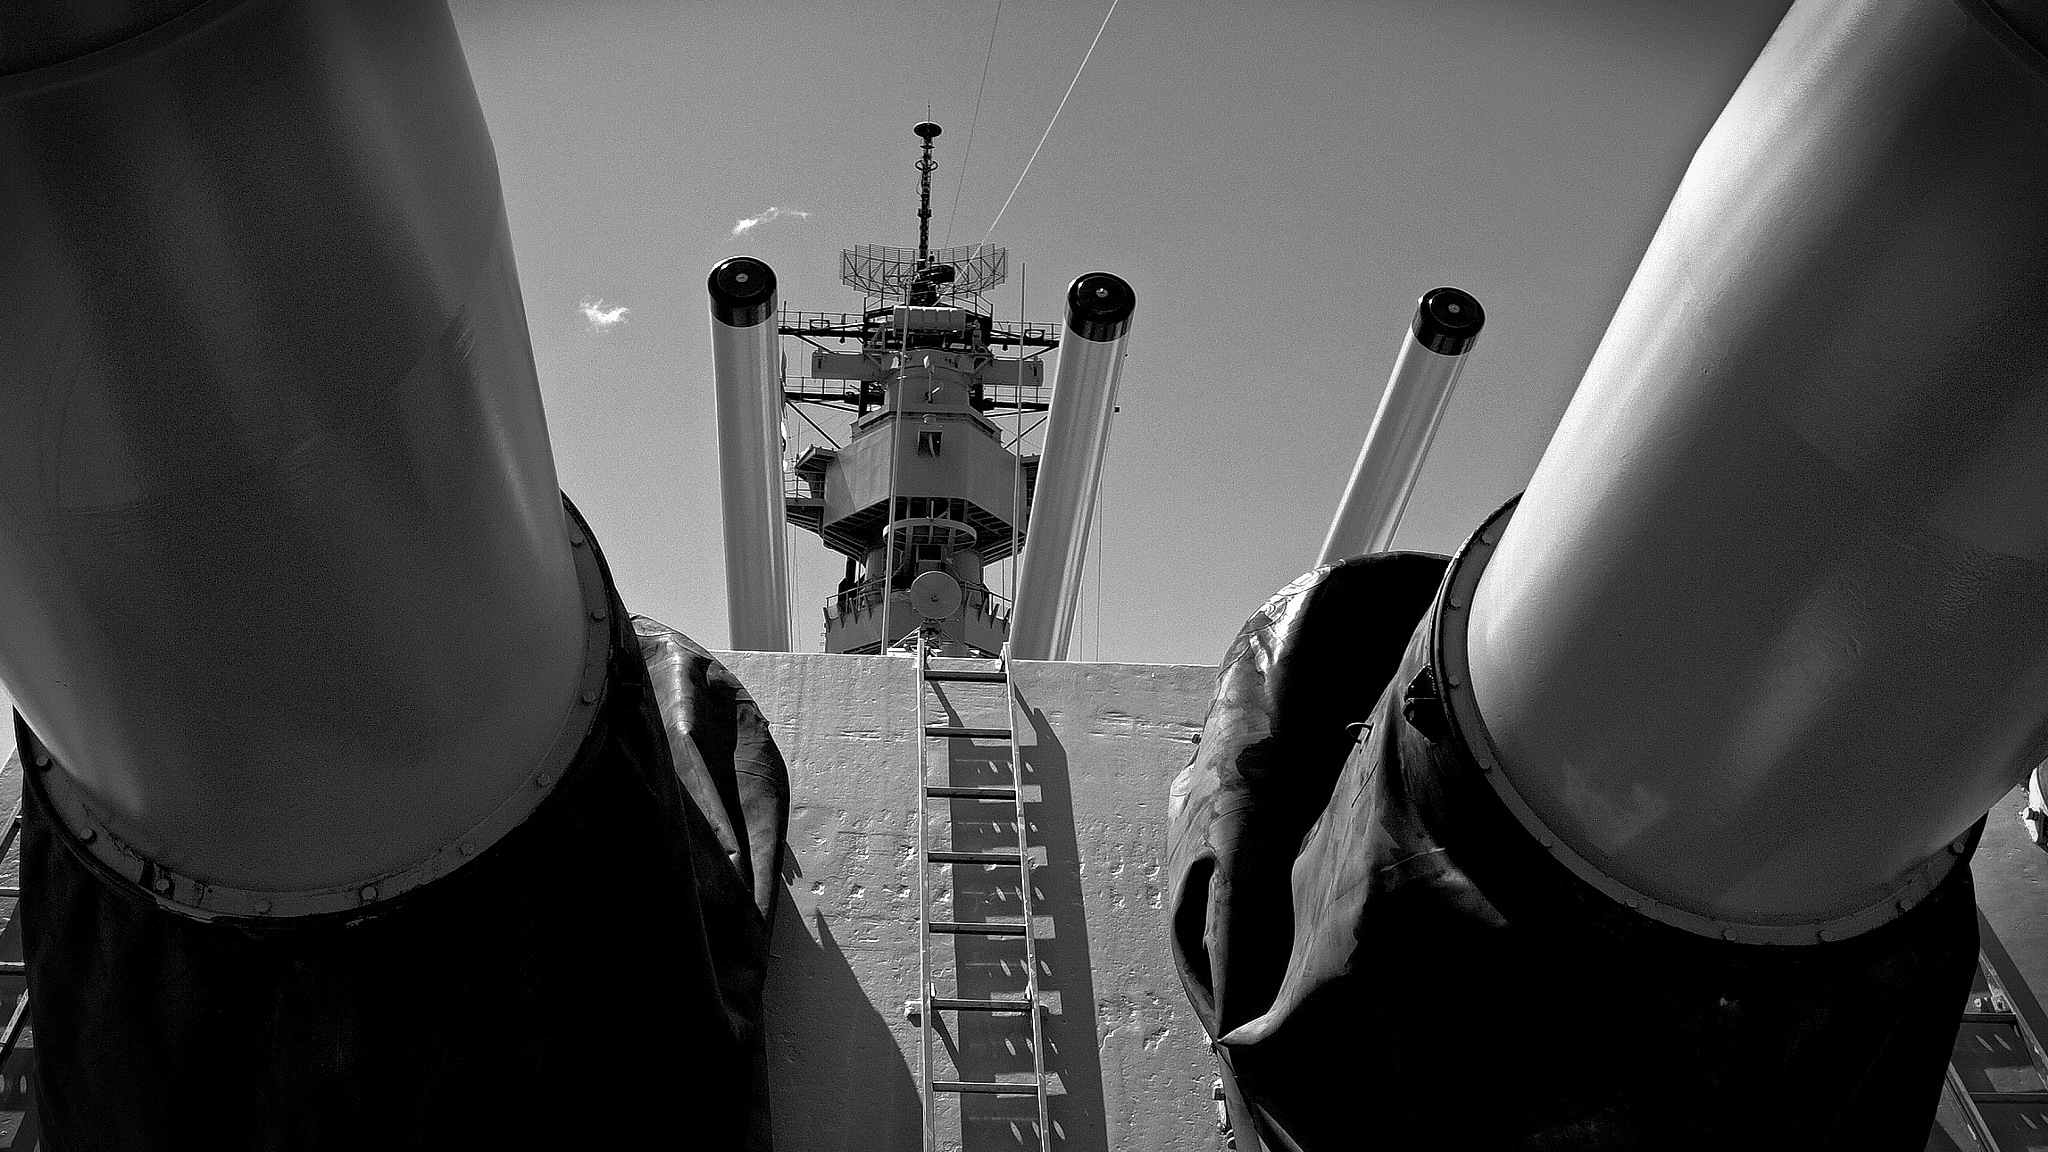 USS Missouri - Pearl Harbor by Nige Cox